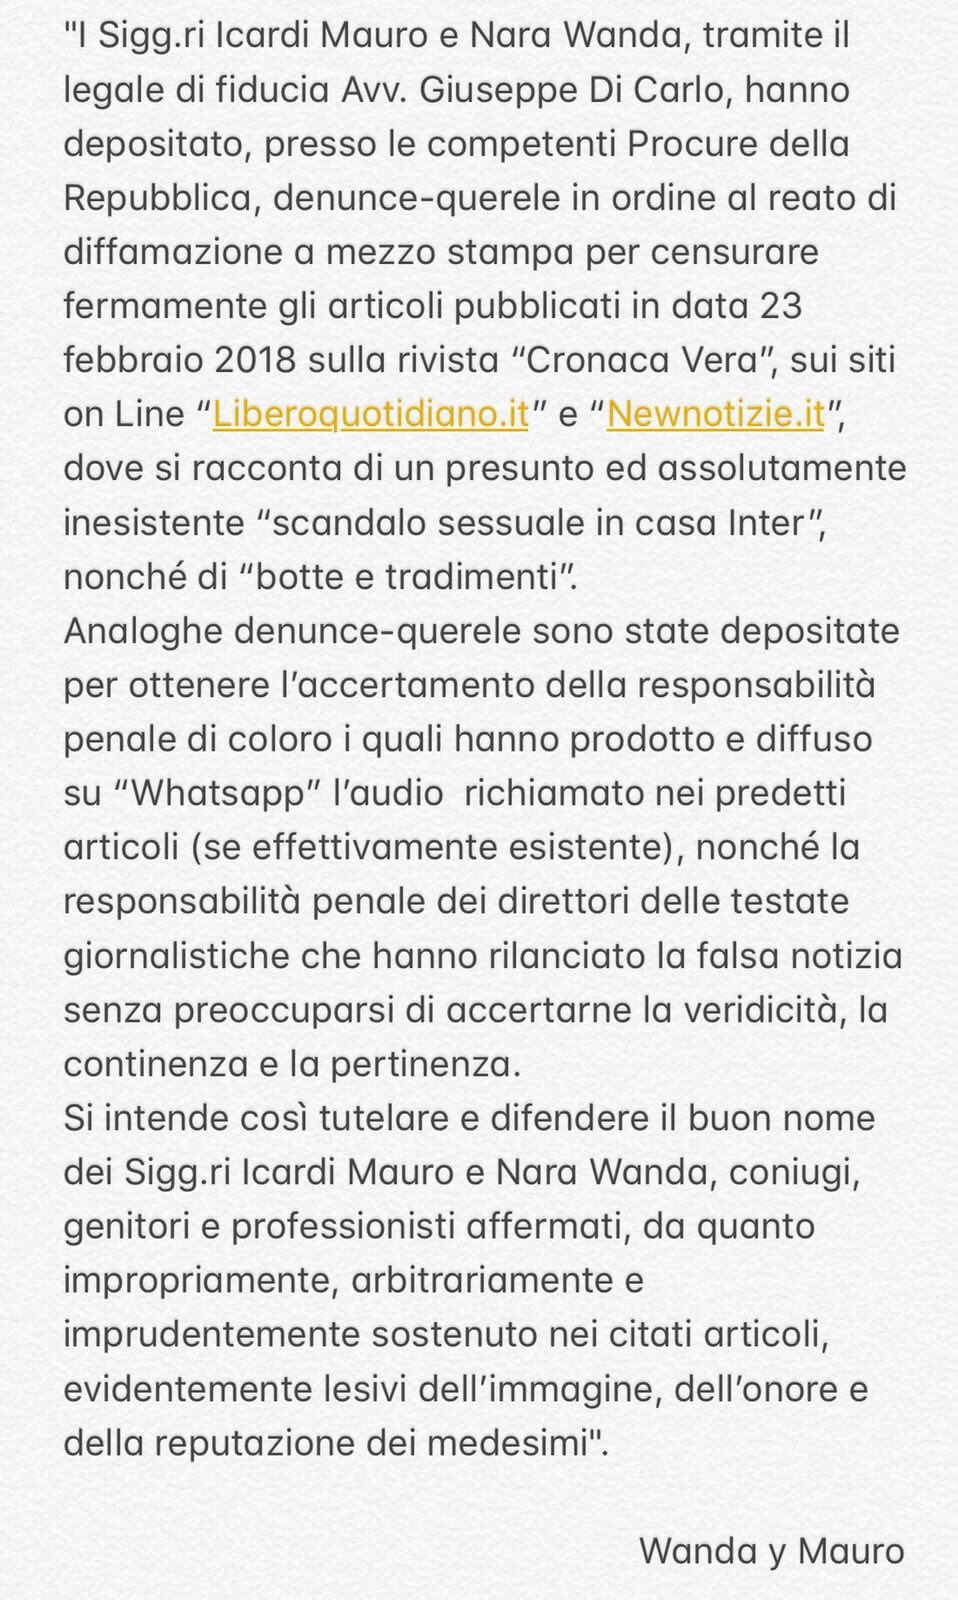 Icardi e Wanda rispondono alle fake news sullo scandalo sessuale: pubblicata la denuncia